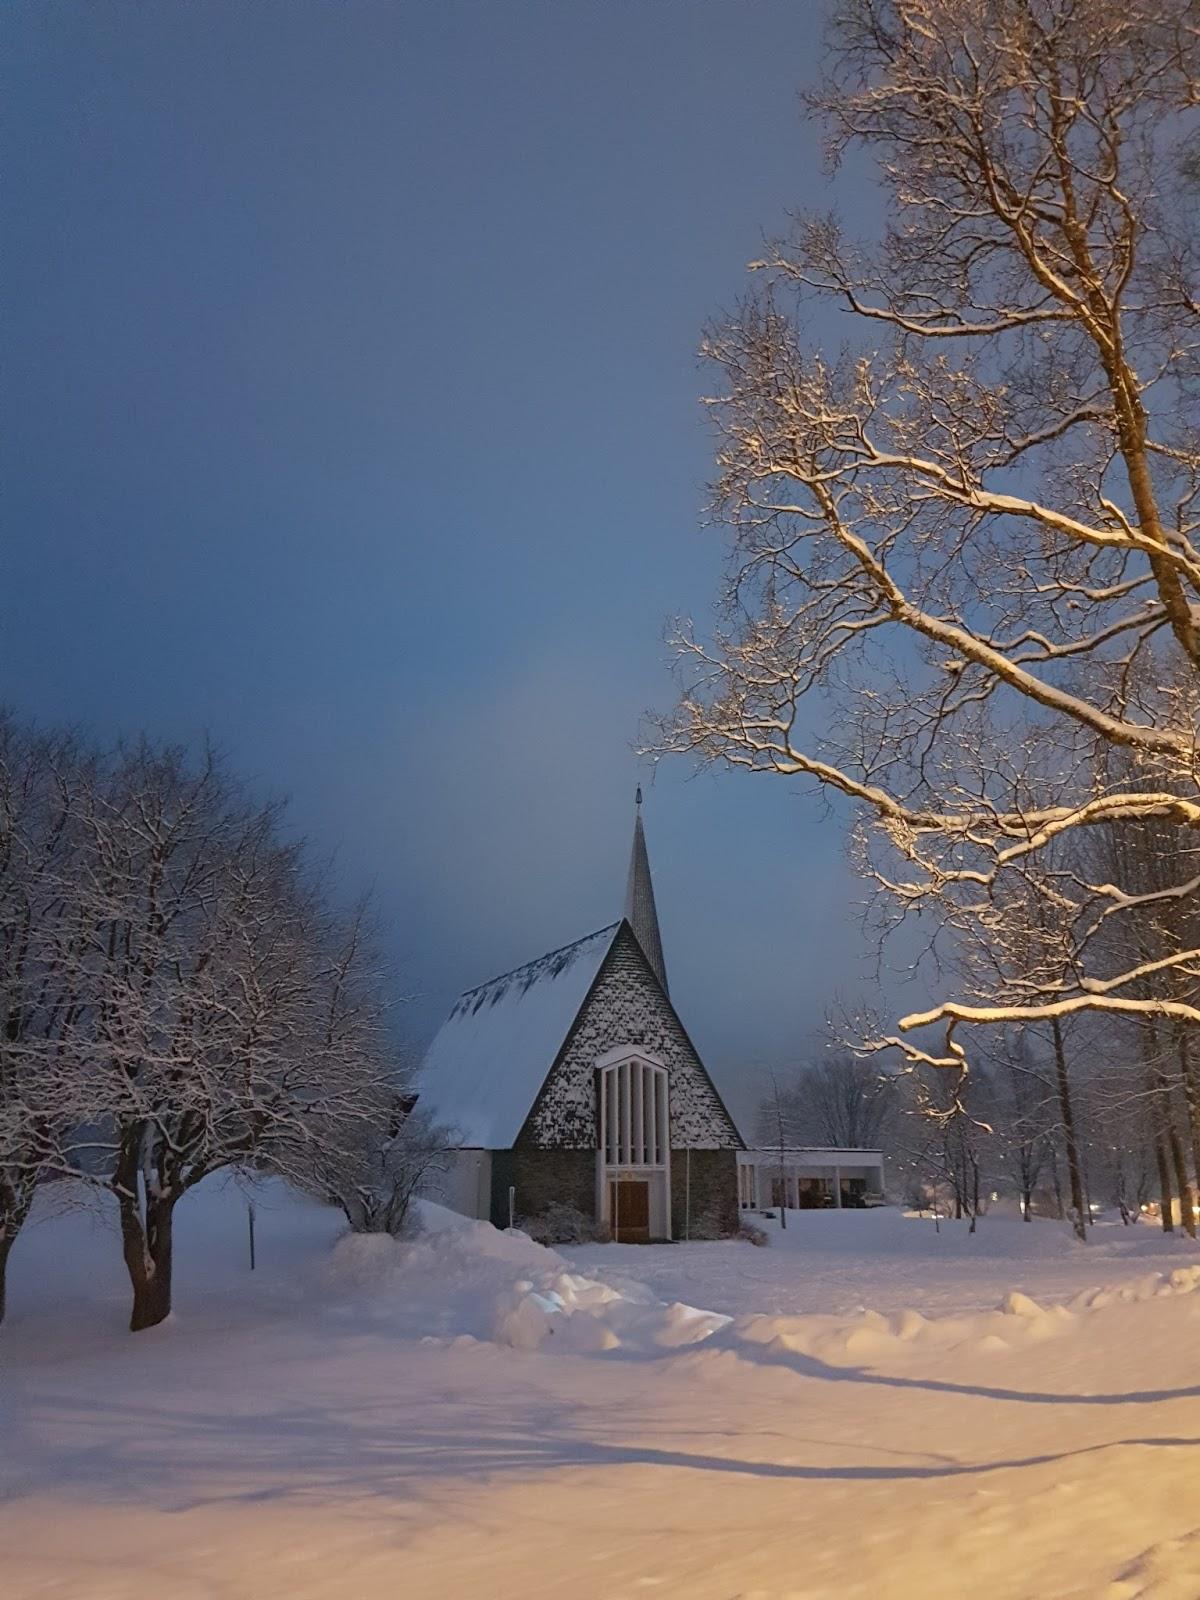 Harstad kirke i nydelig vintervær.